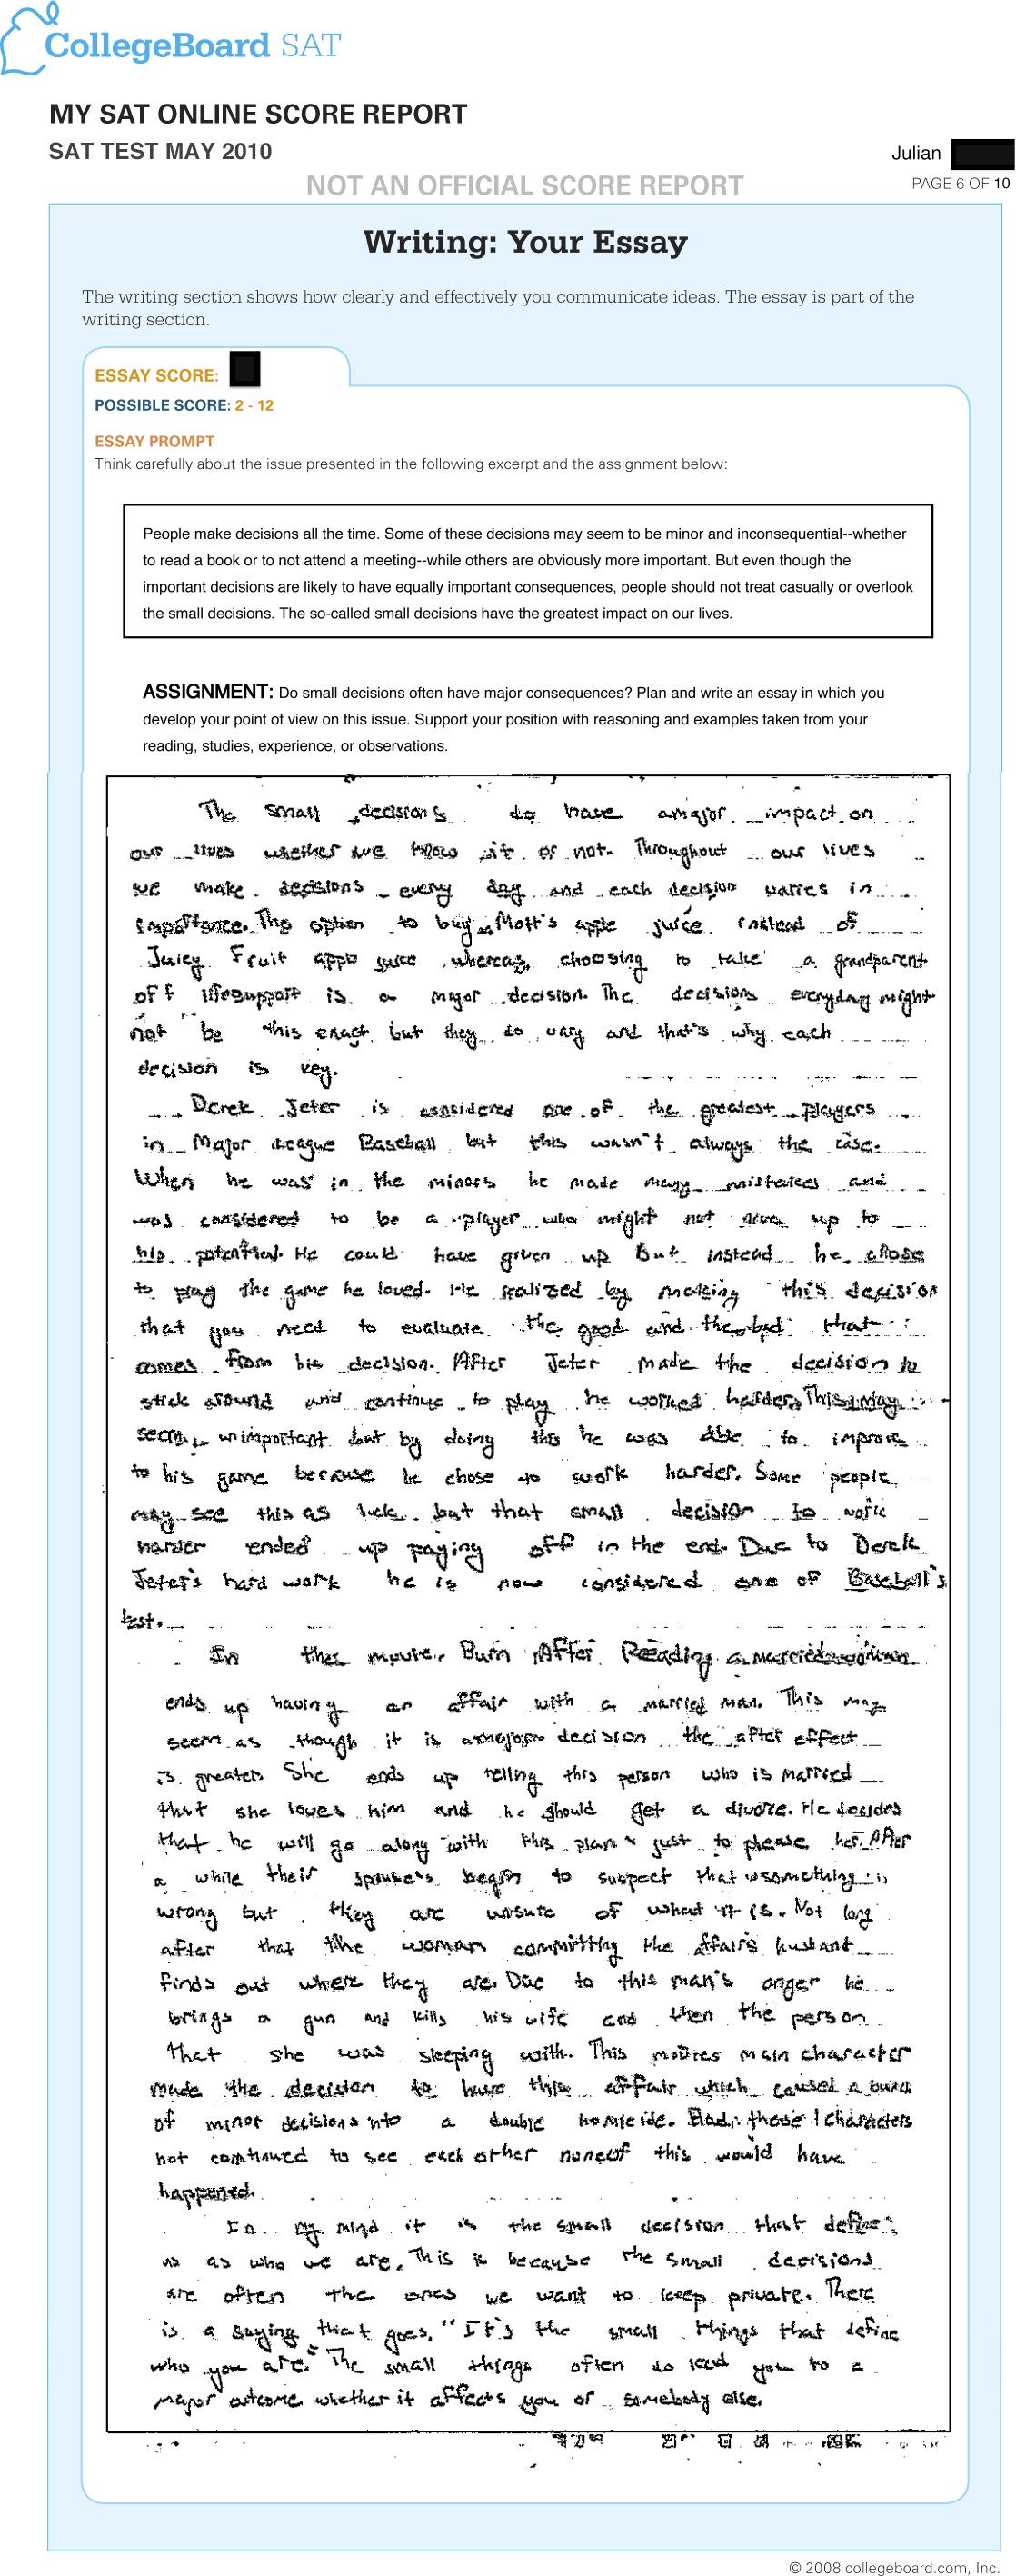 015 Essay Example New Sat Prompts Jr May Impressive 2017 Pdf Full